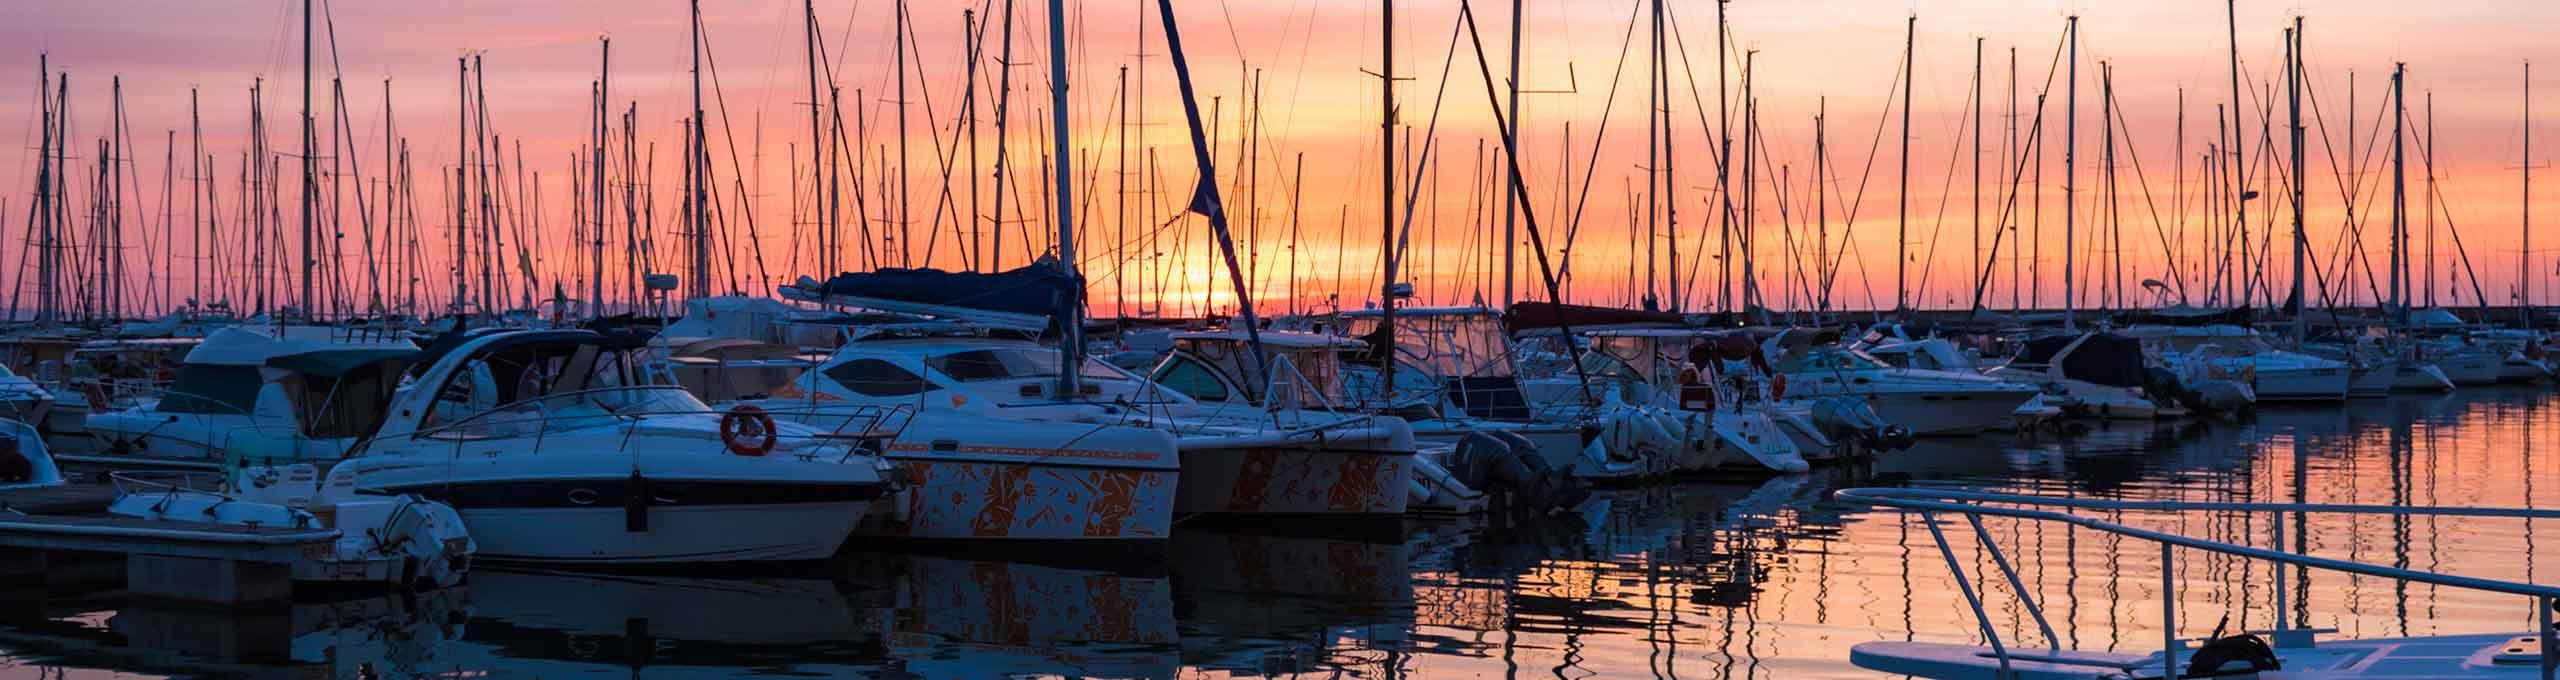 Scarlino porto turistico al tramonto